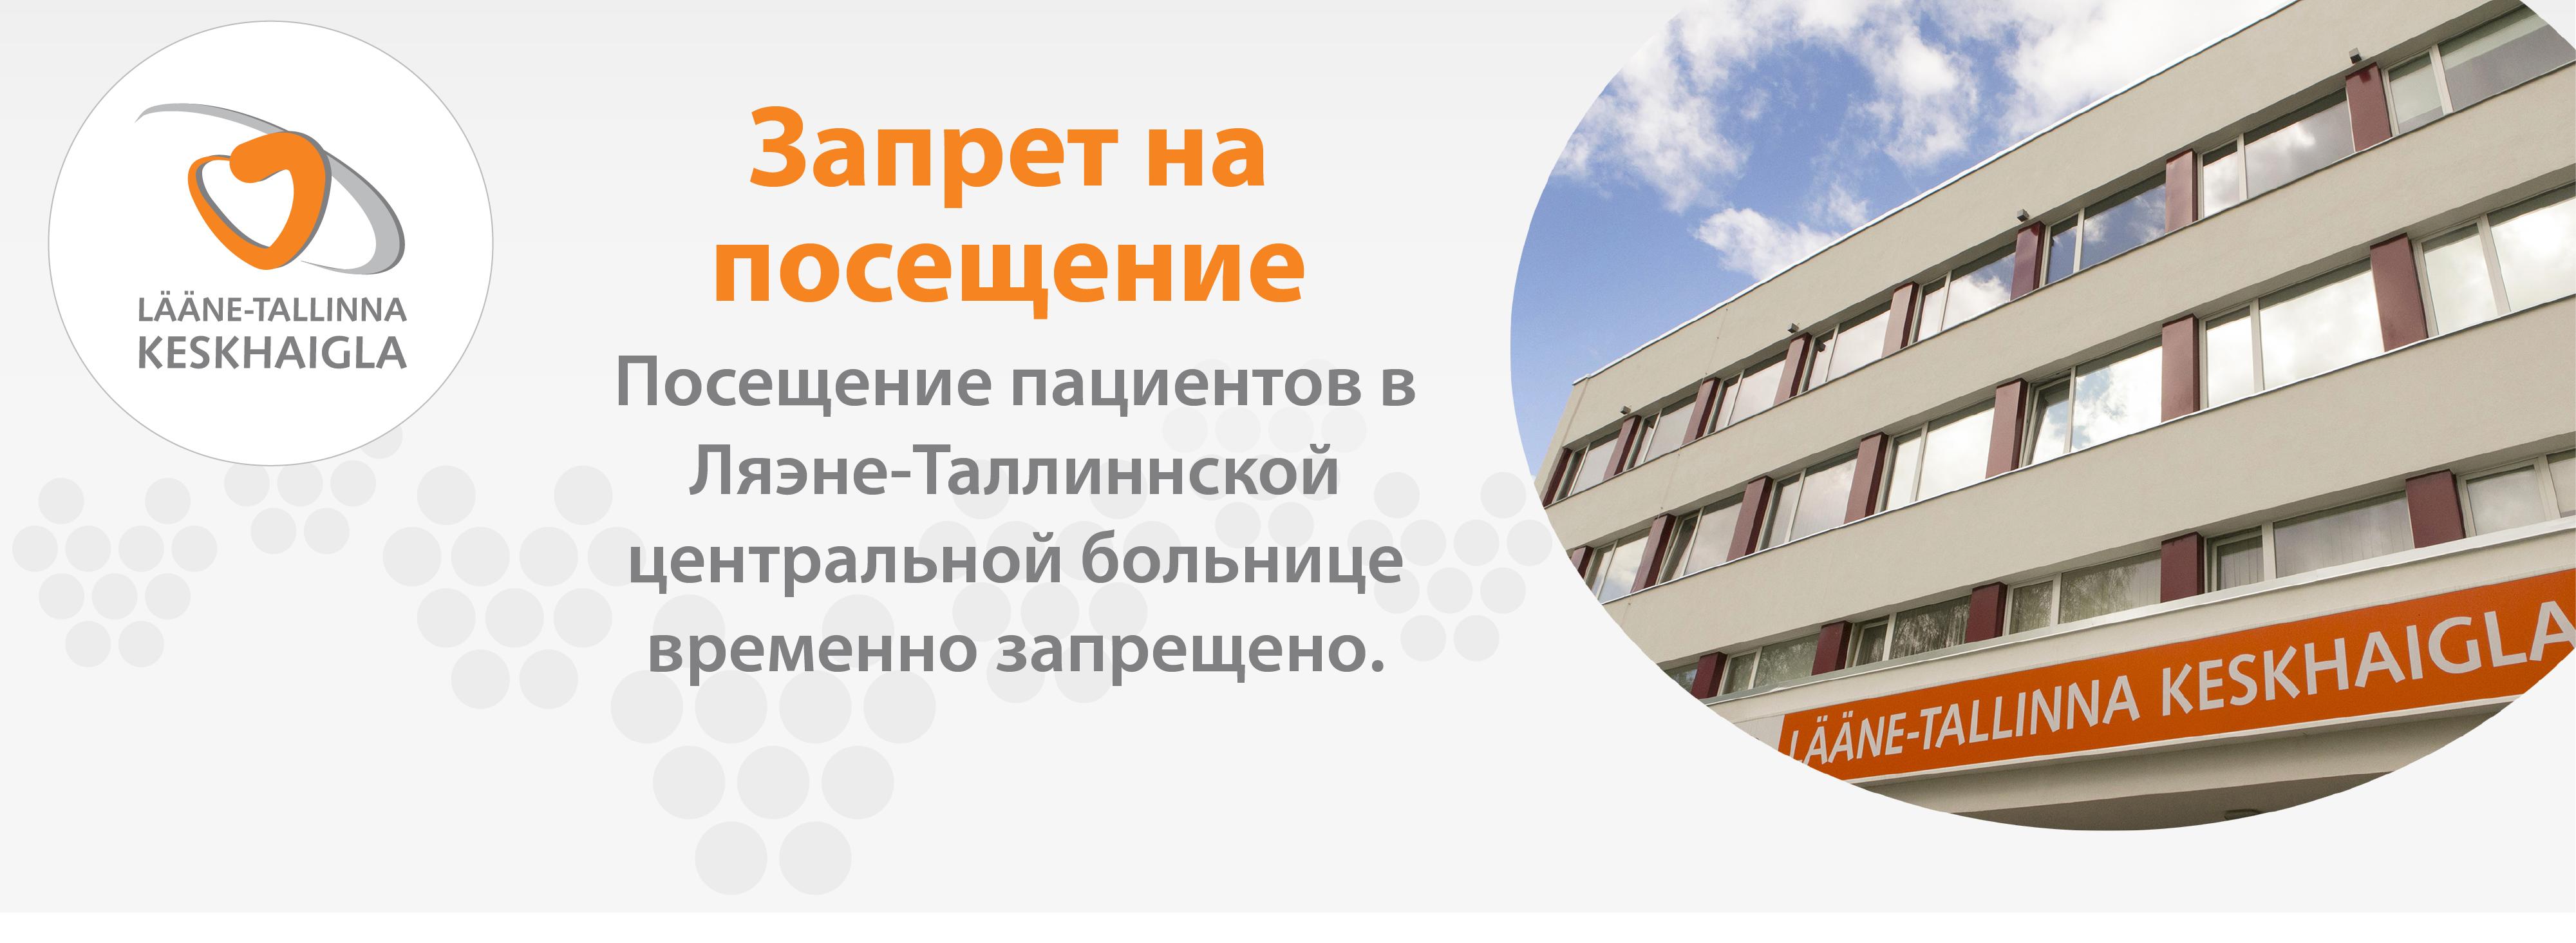 slider_kylastuskeeld-2-LTKH-RUS